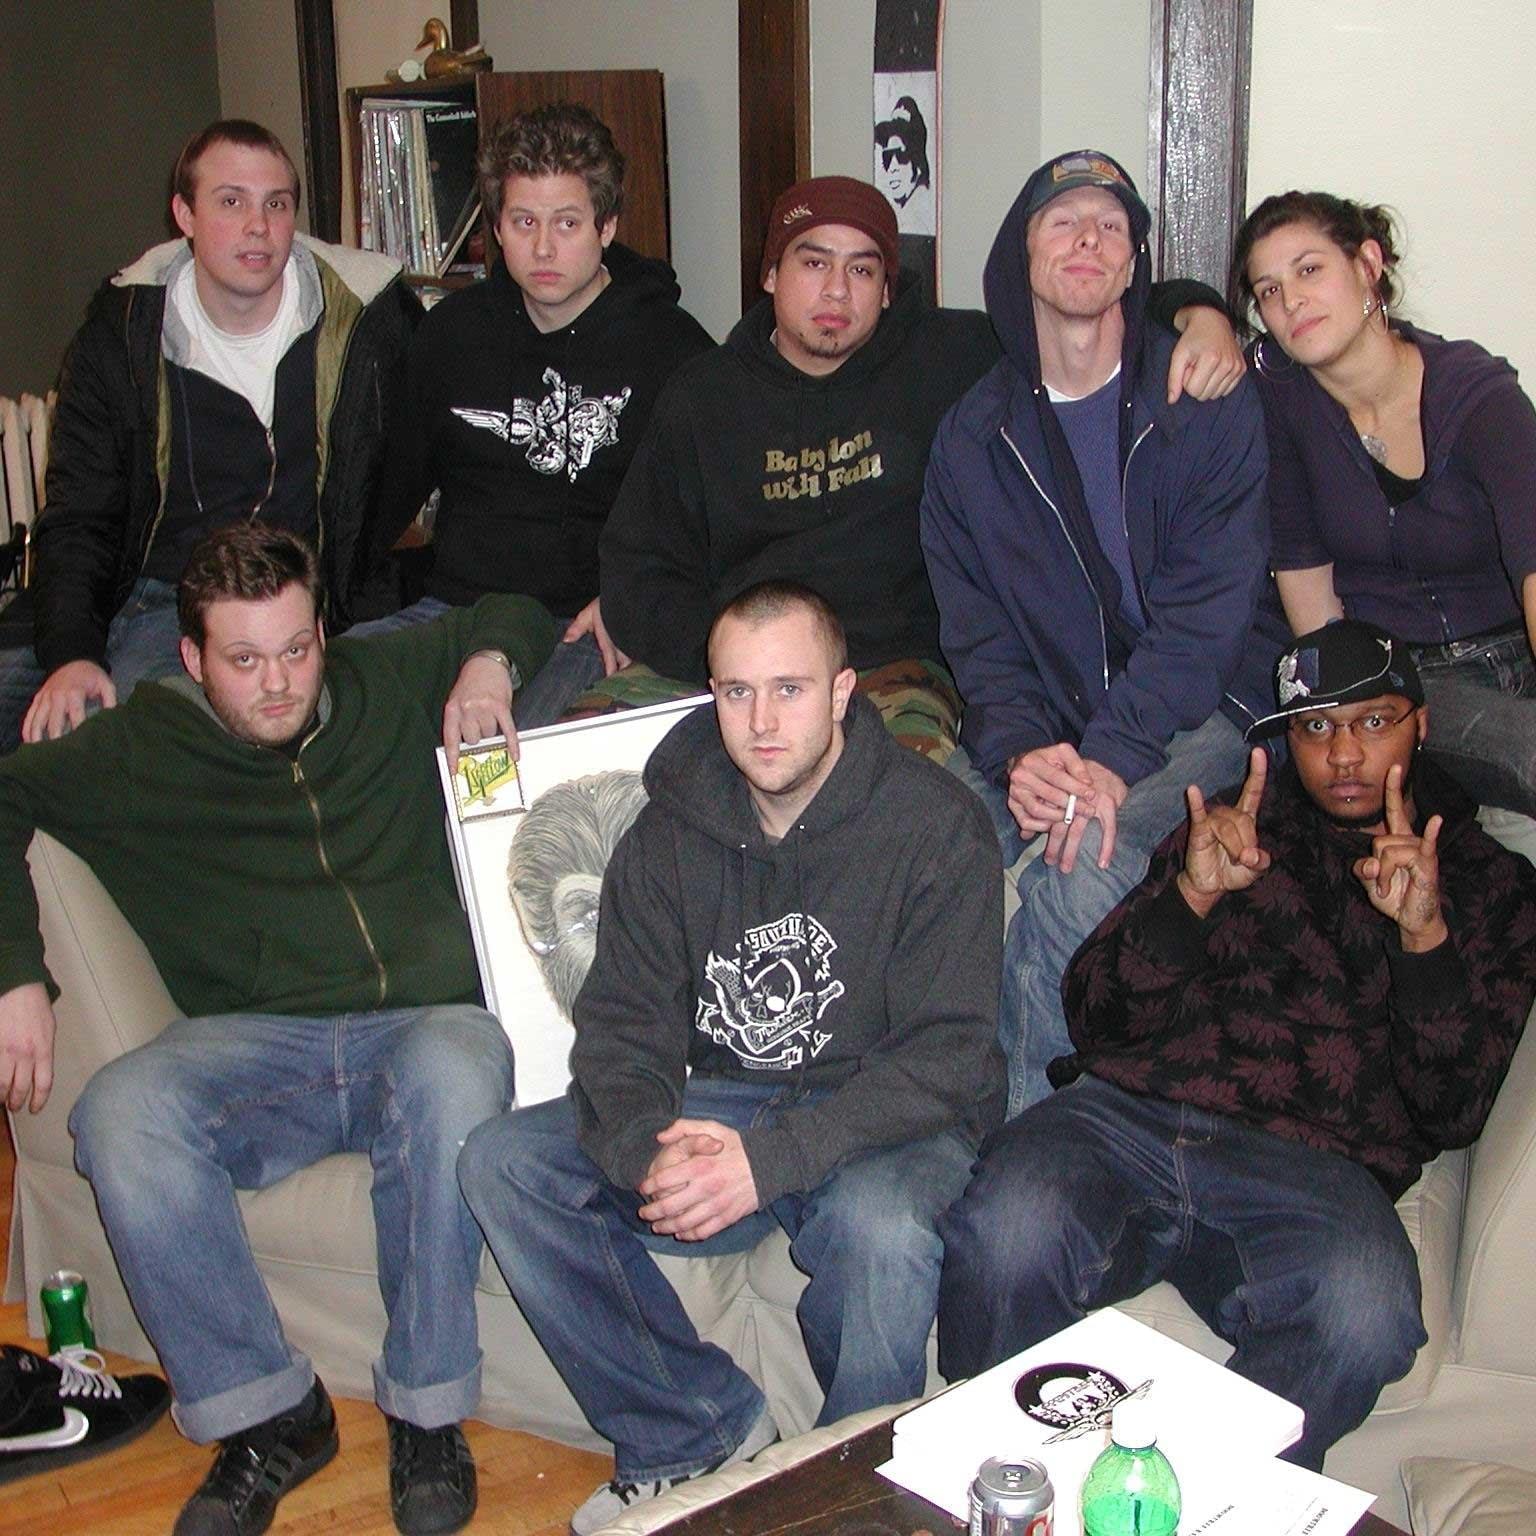 Members of Doomtree